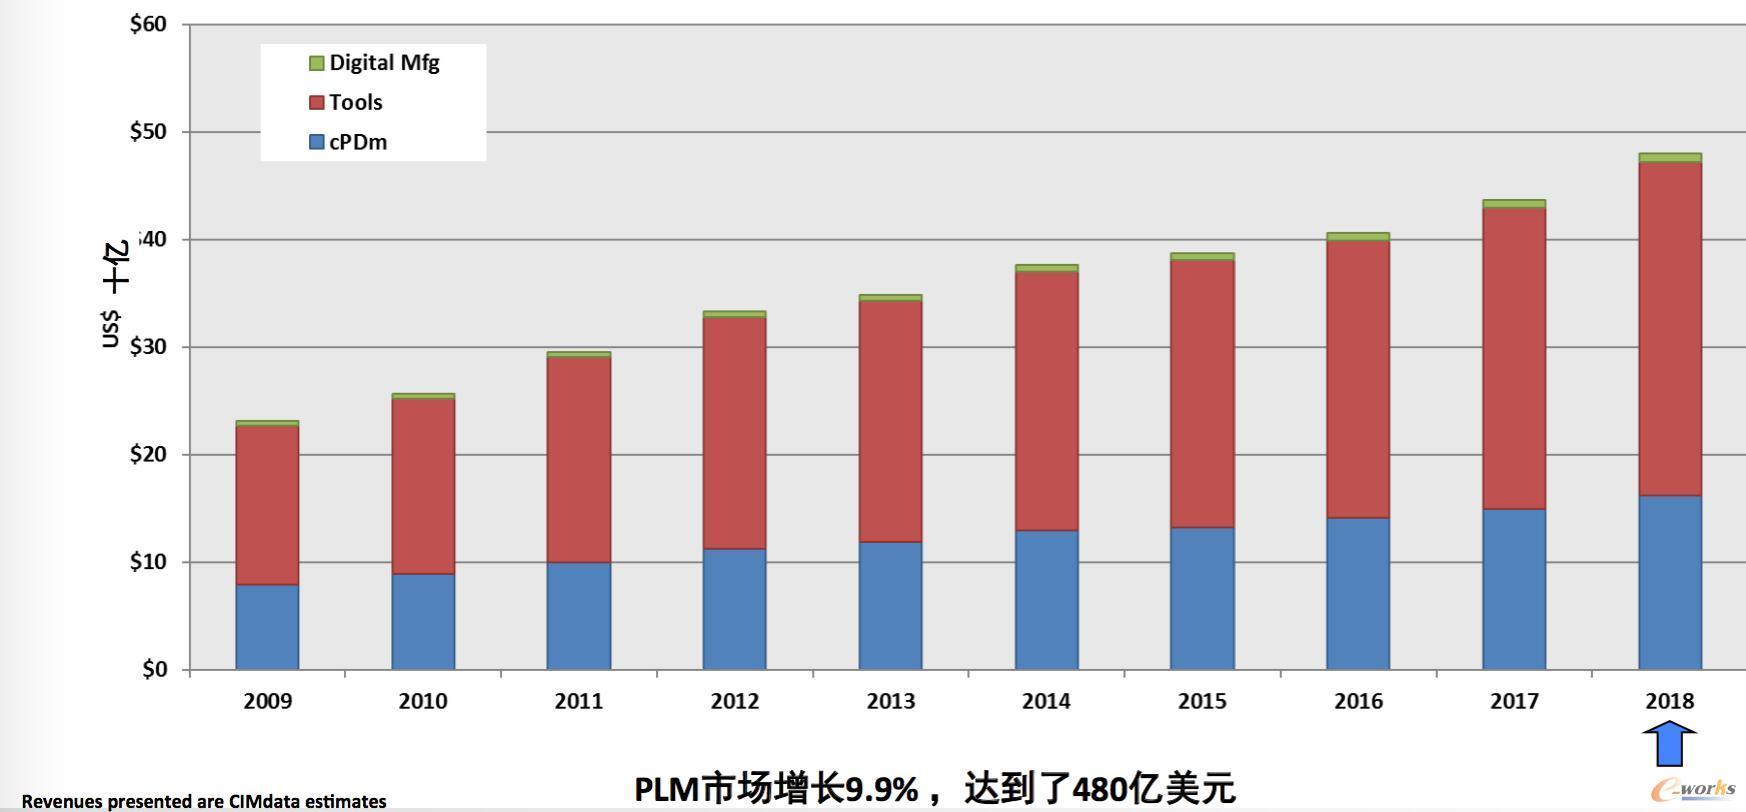 全球PLM市场增长情况